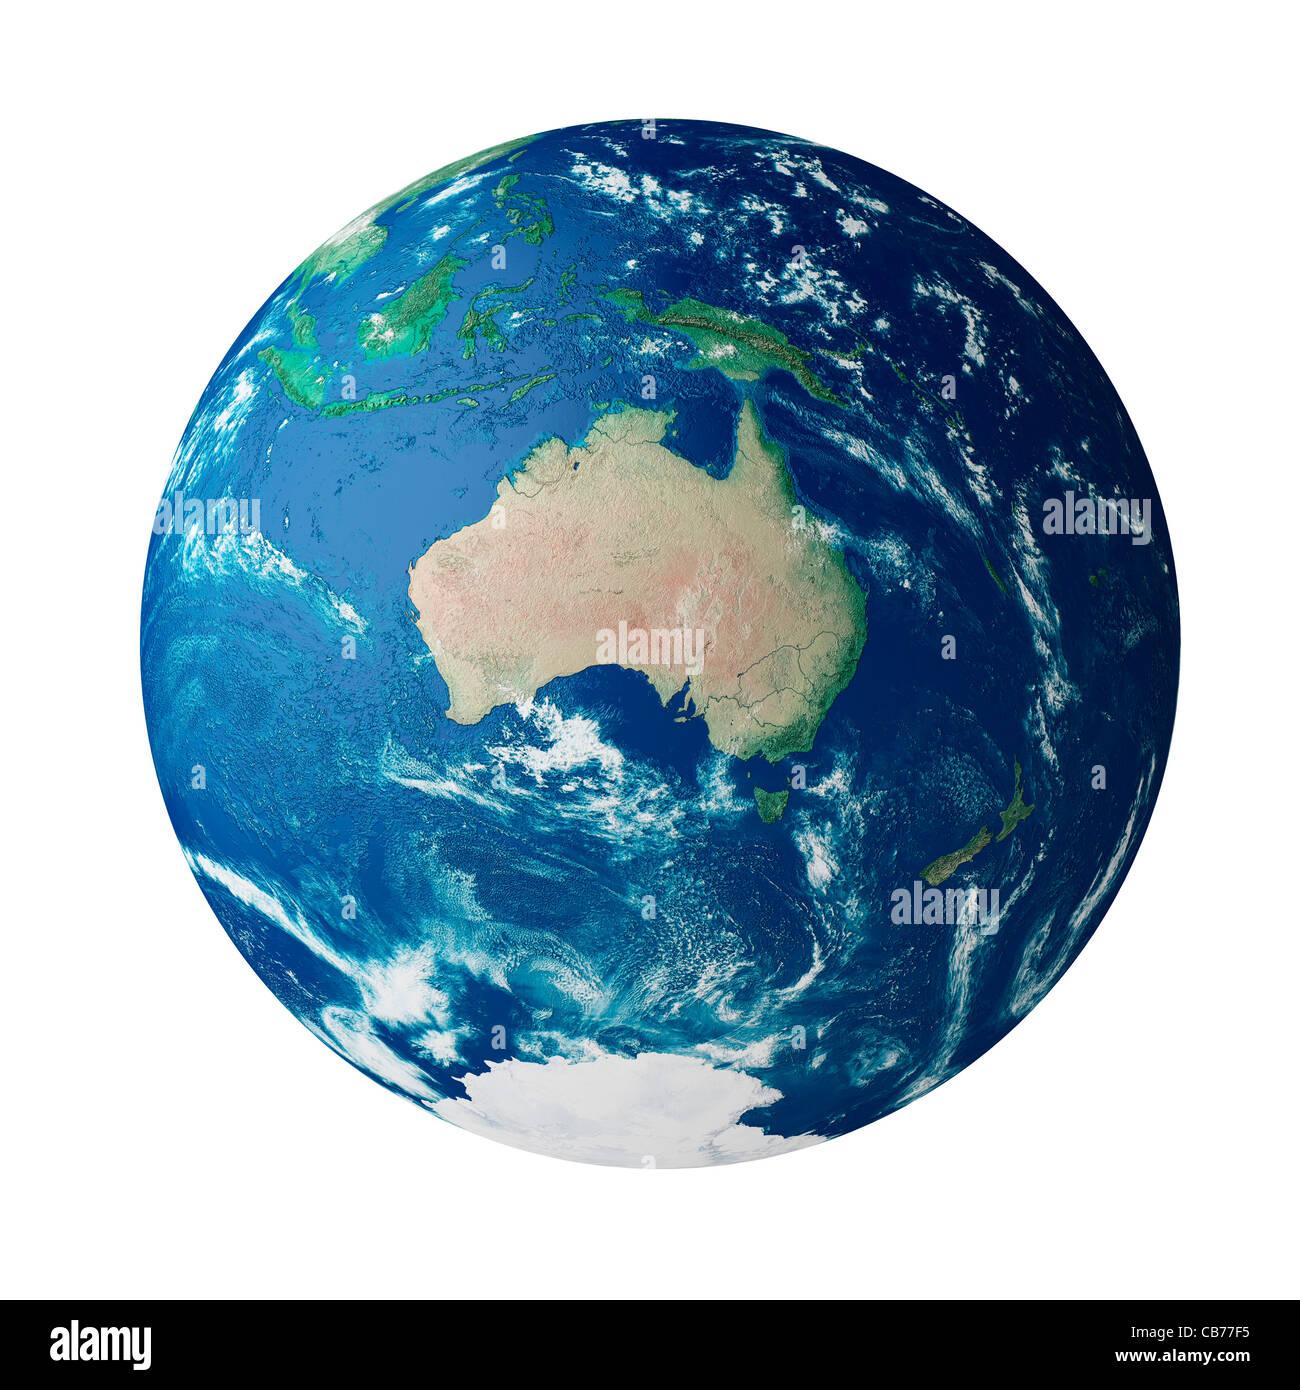 Globe montrant le continent de l'Australie sur la planète terre Photo Stock